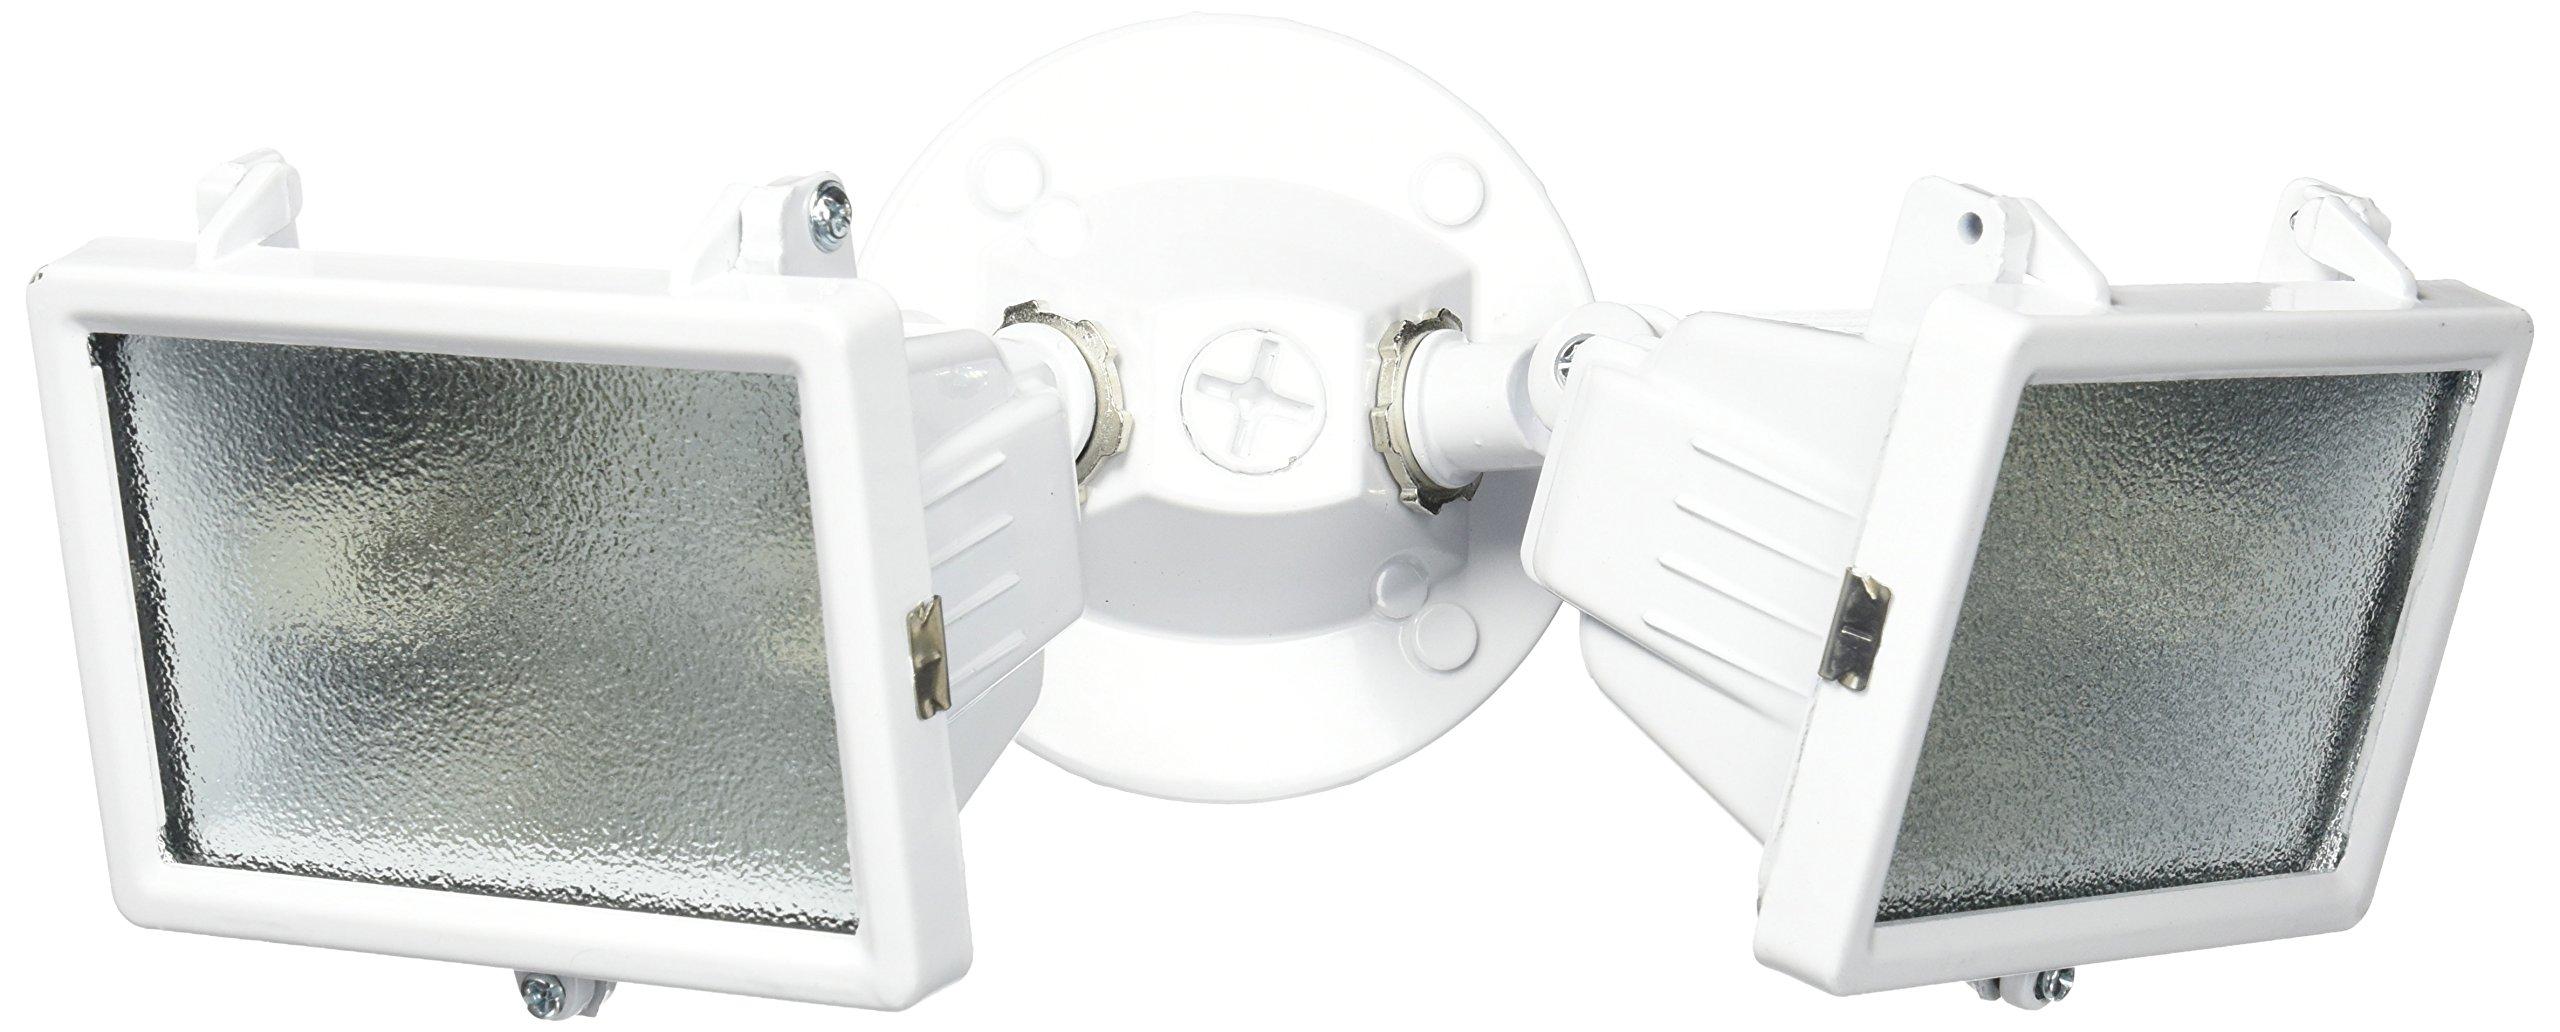 Heath Zenith HZ-5502-WH 150-watt Compact Twin Halogen Floodlight, White by Heath Zenith